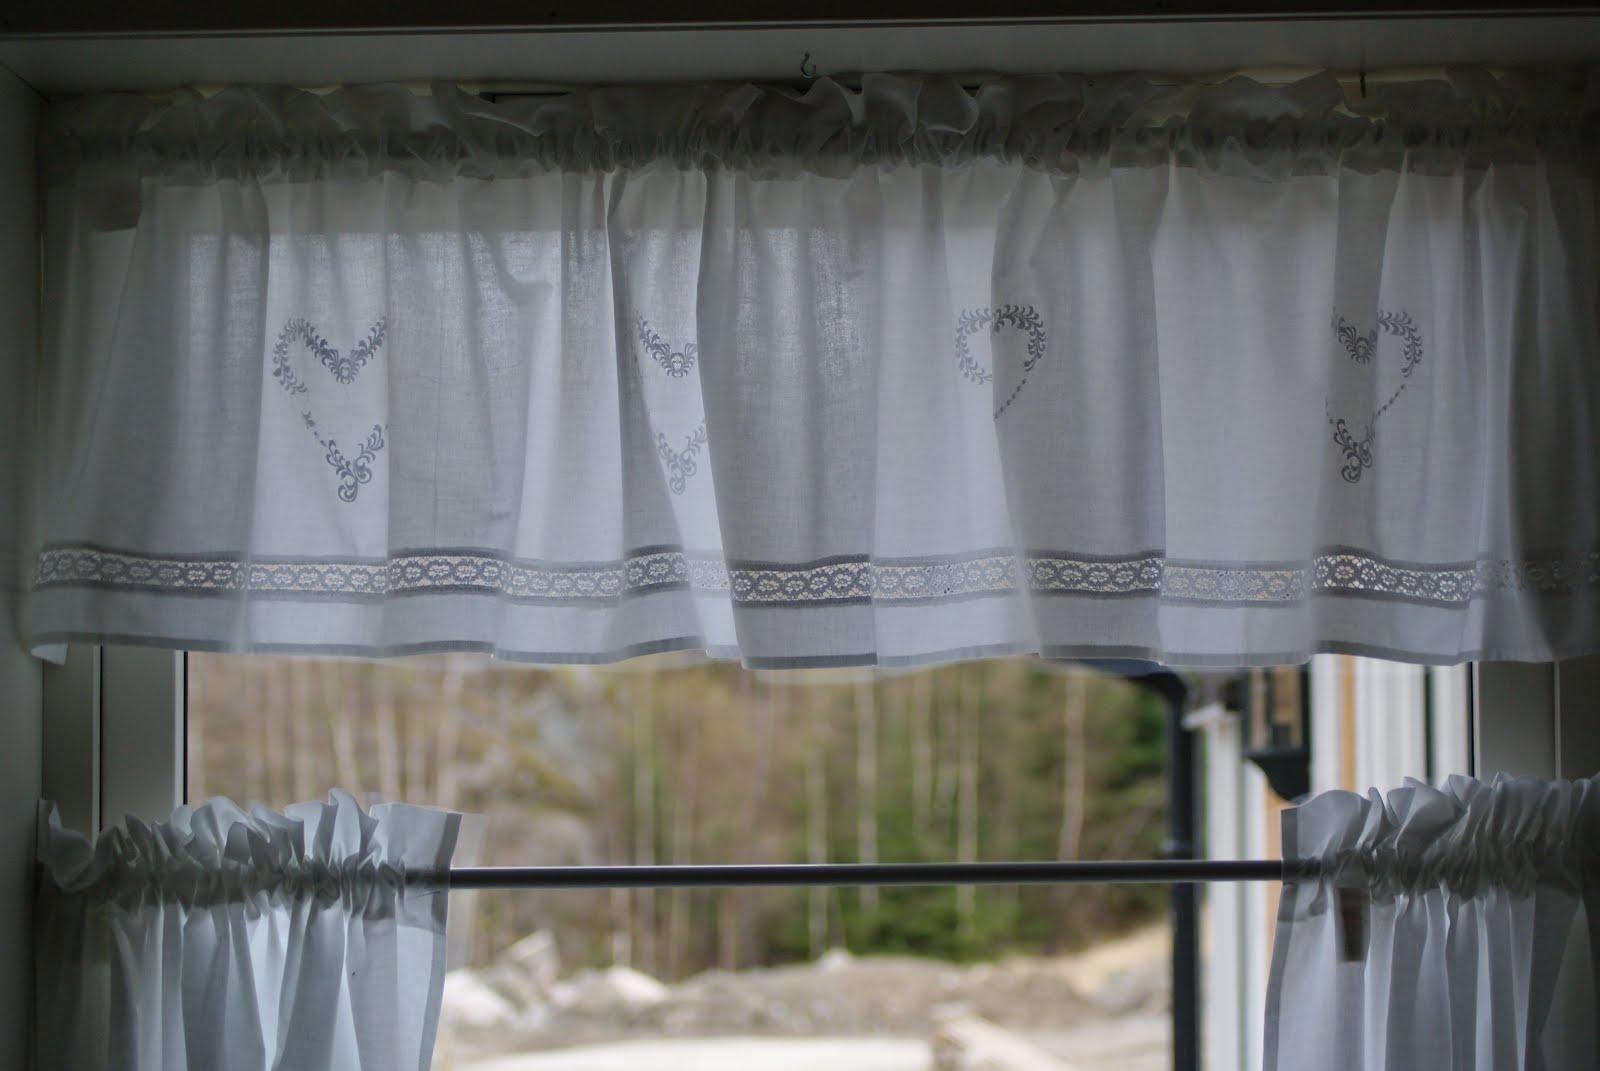 Forskjellige Hobbyvimsa: Cafe gardin på kjøkkenet. GF-18